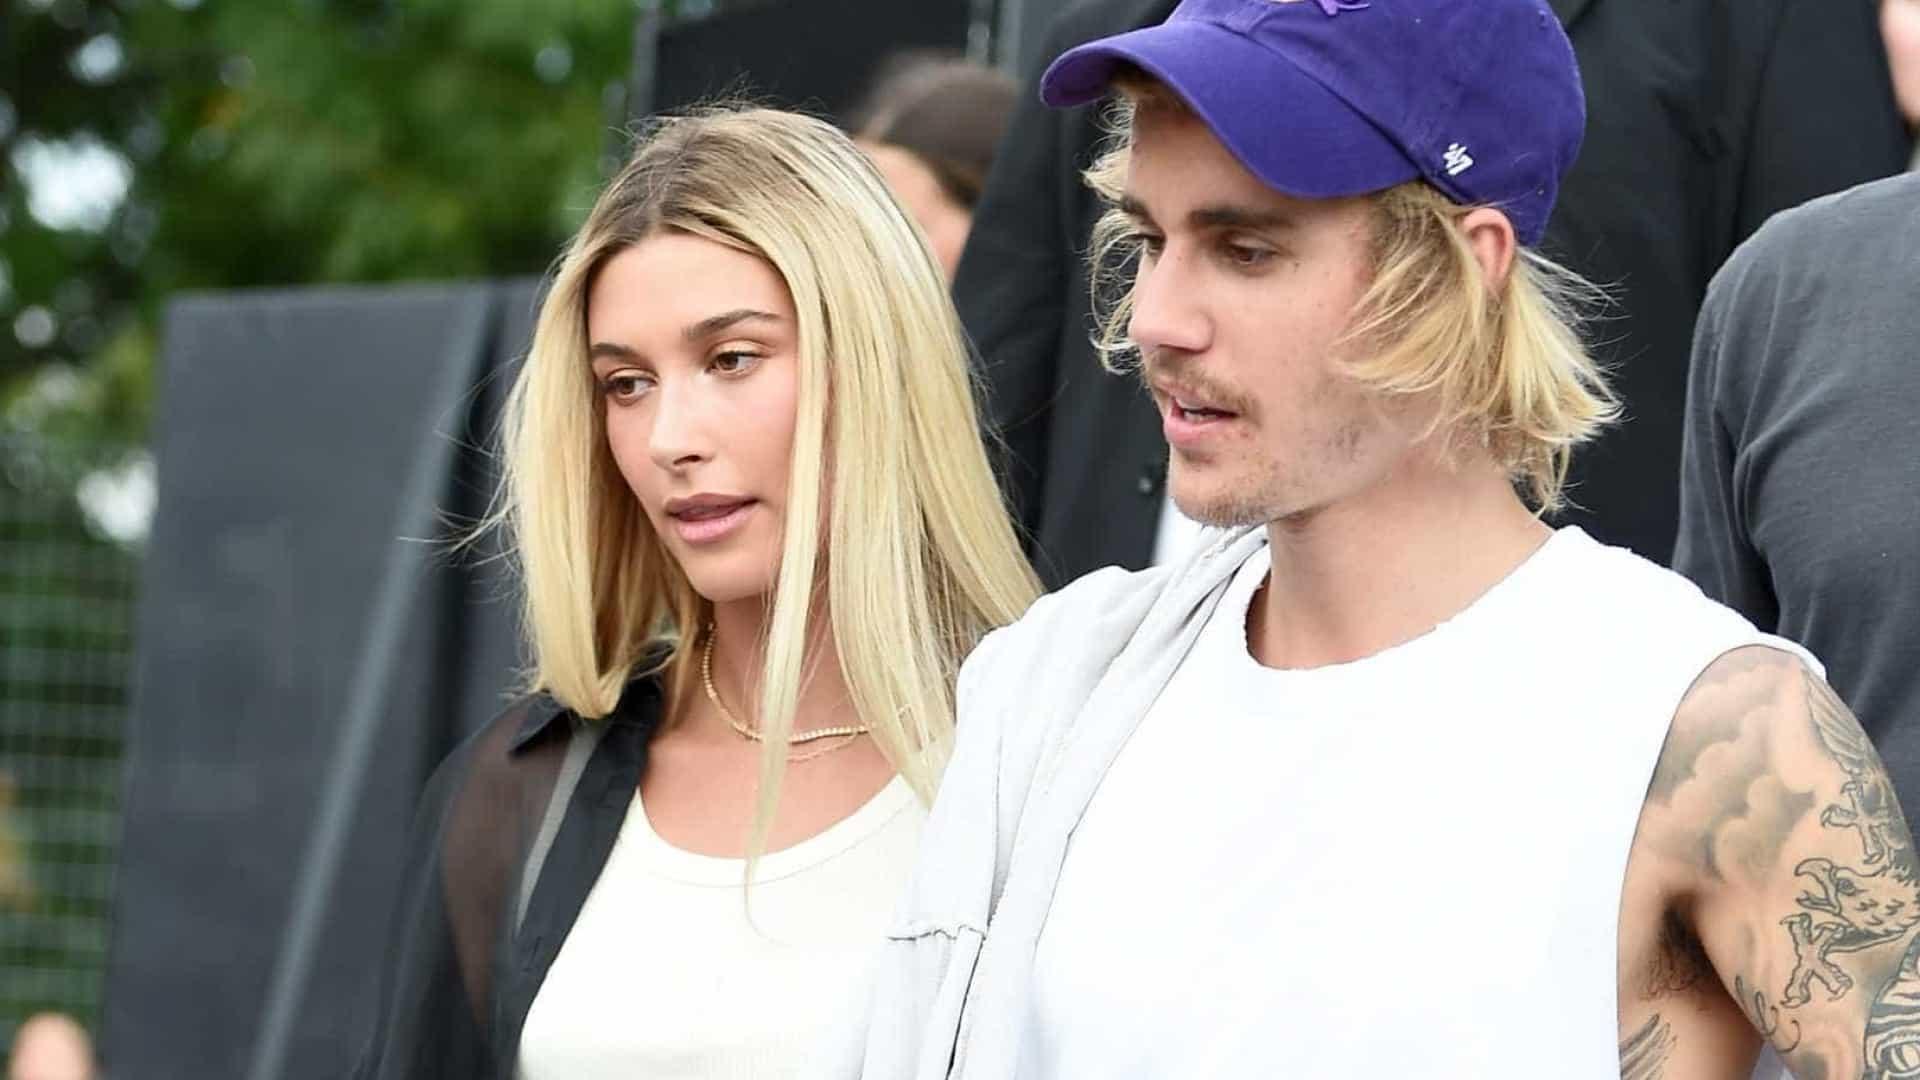 naom 5bb3ac53aa318 - Justin Bieber e Hailey Baldwin vão lançar novo reality show, diz site